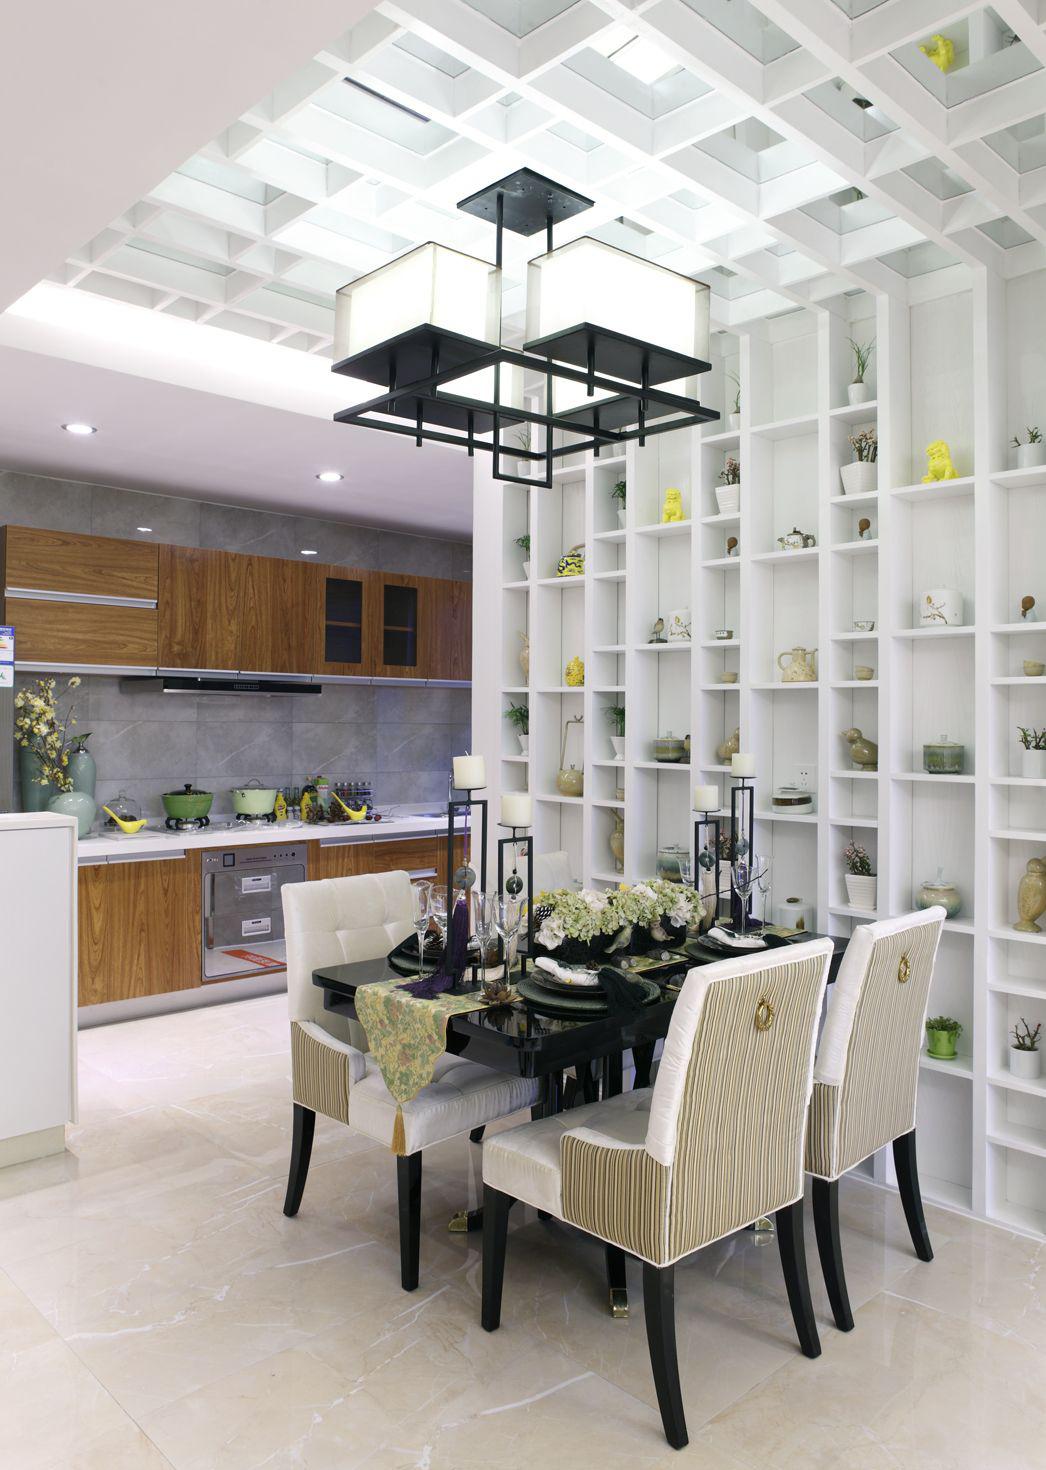 从餐厅望向厨房,整体清新大气,开放式厨房设计让烹饪更为灵活。